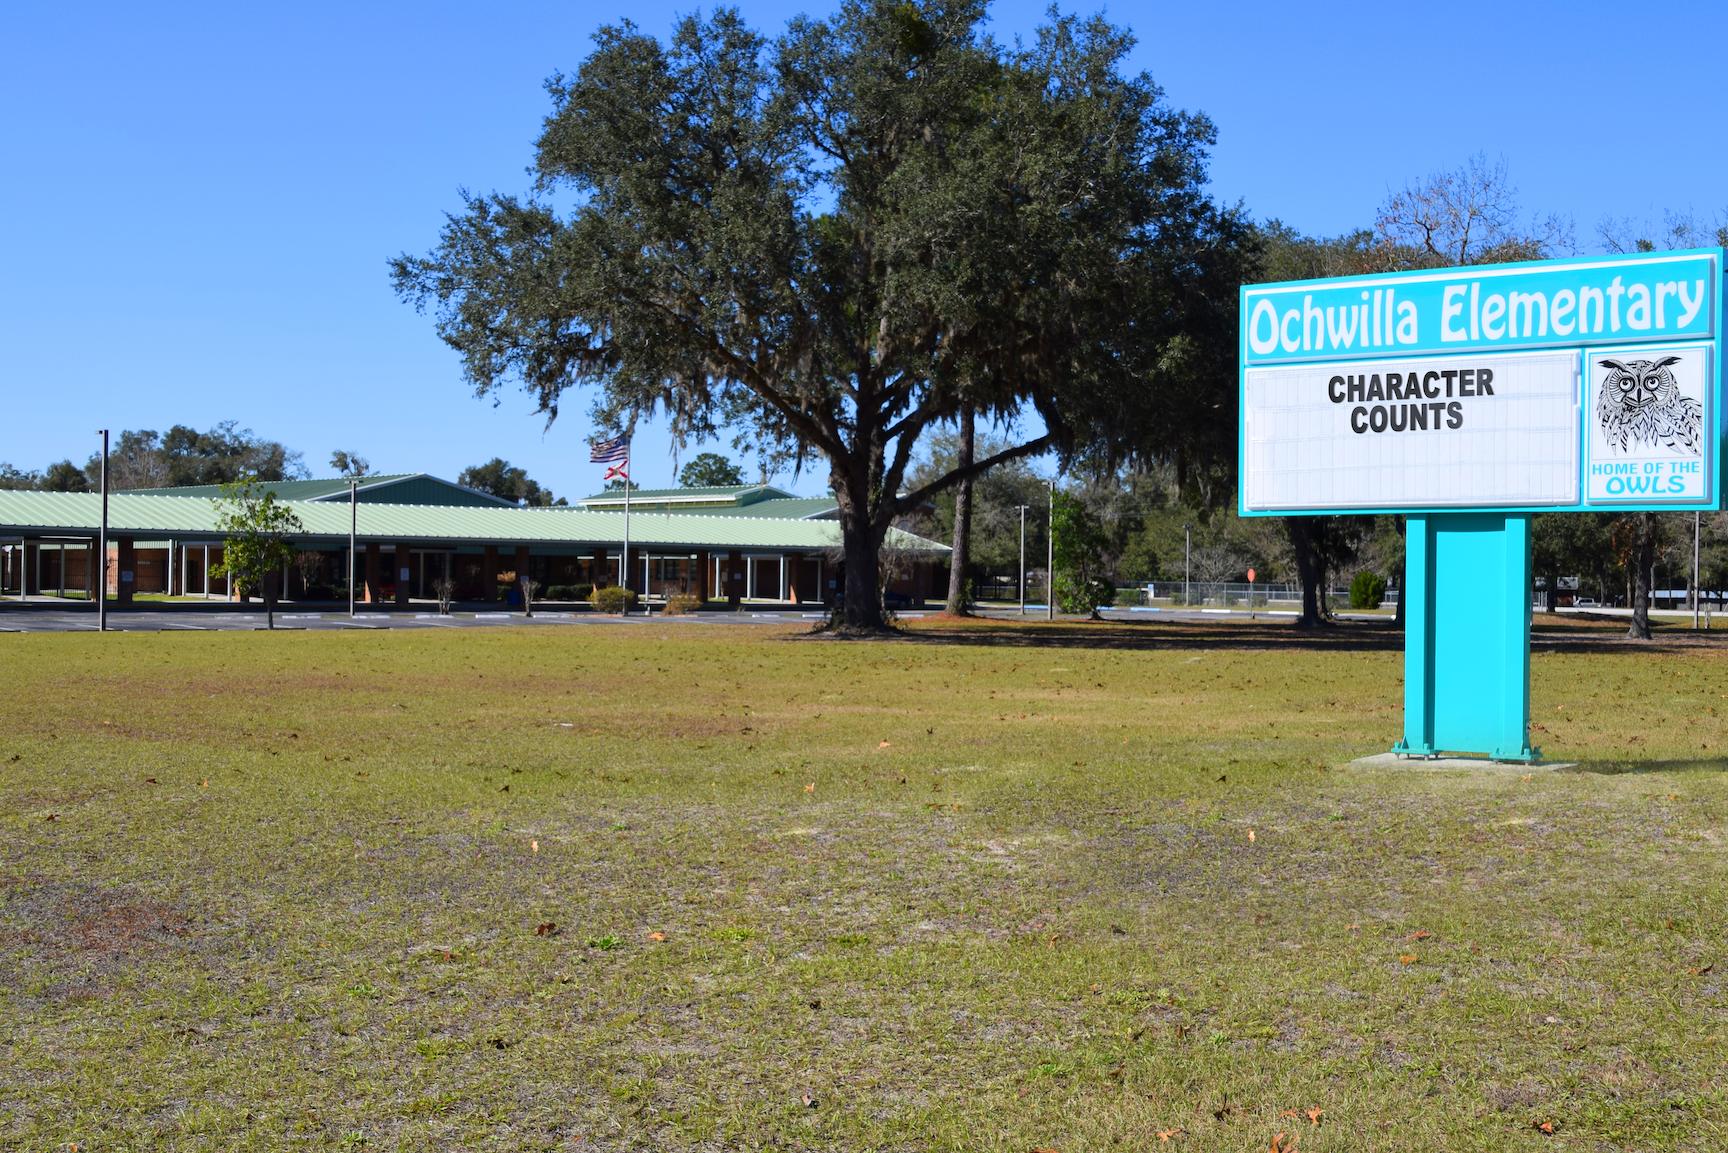 Ochwilla Elementary School